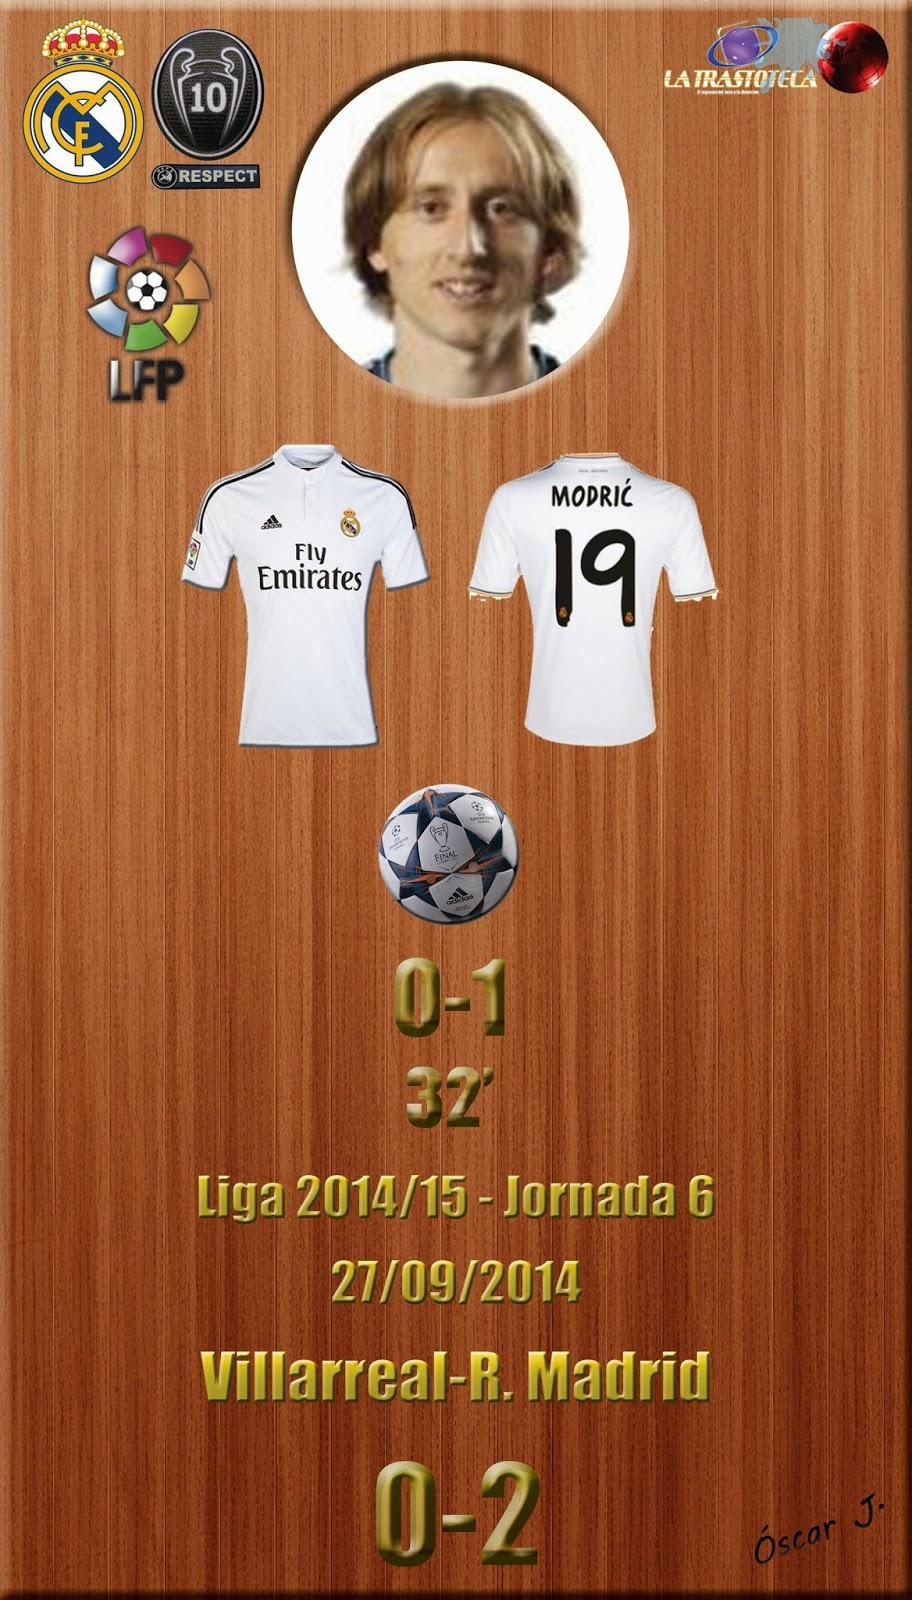 Modric (0-1) - Liga 2014/15. Jornada 6 (27/9/2014)